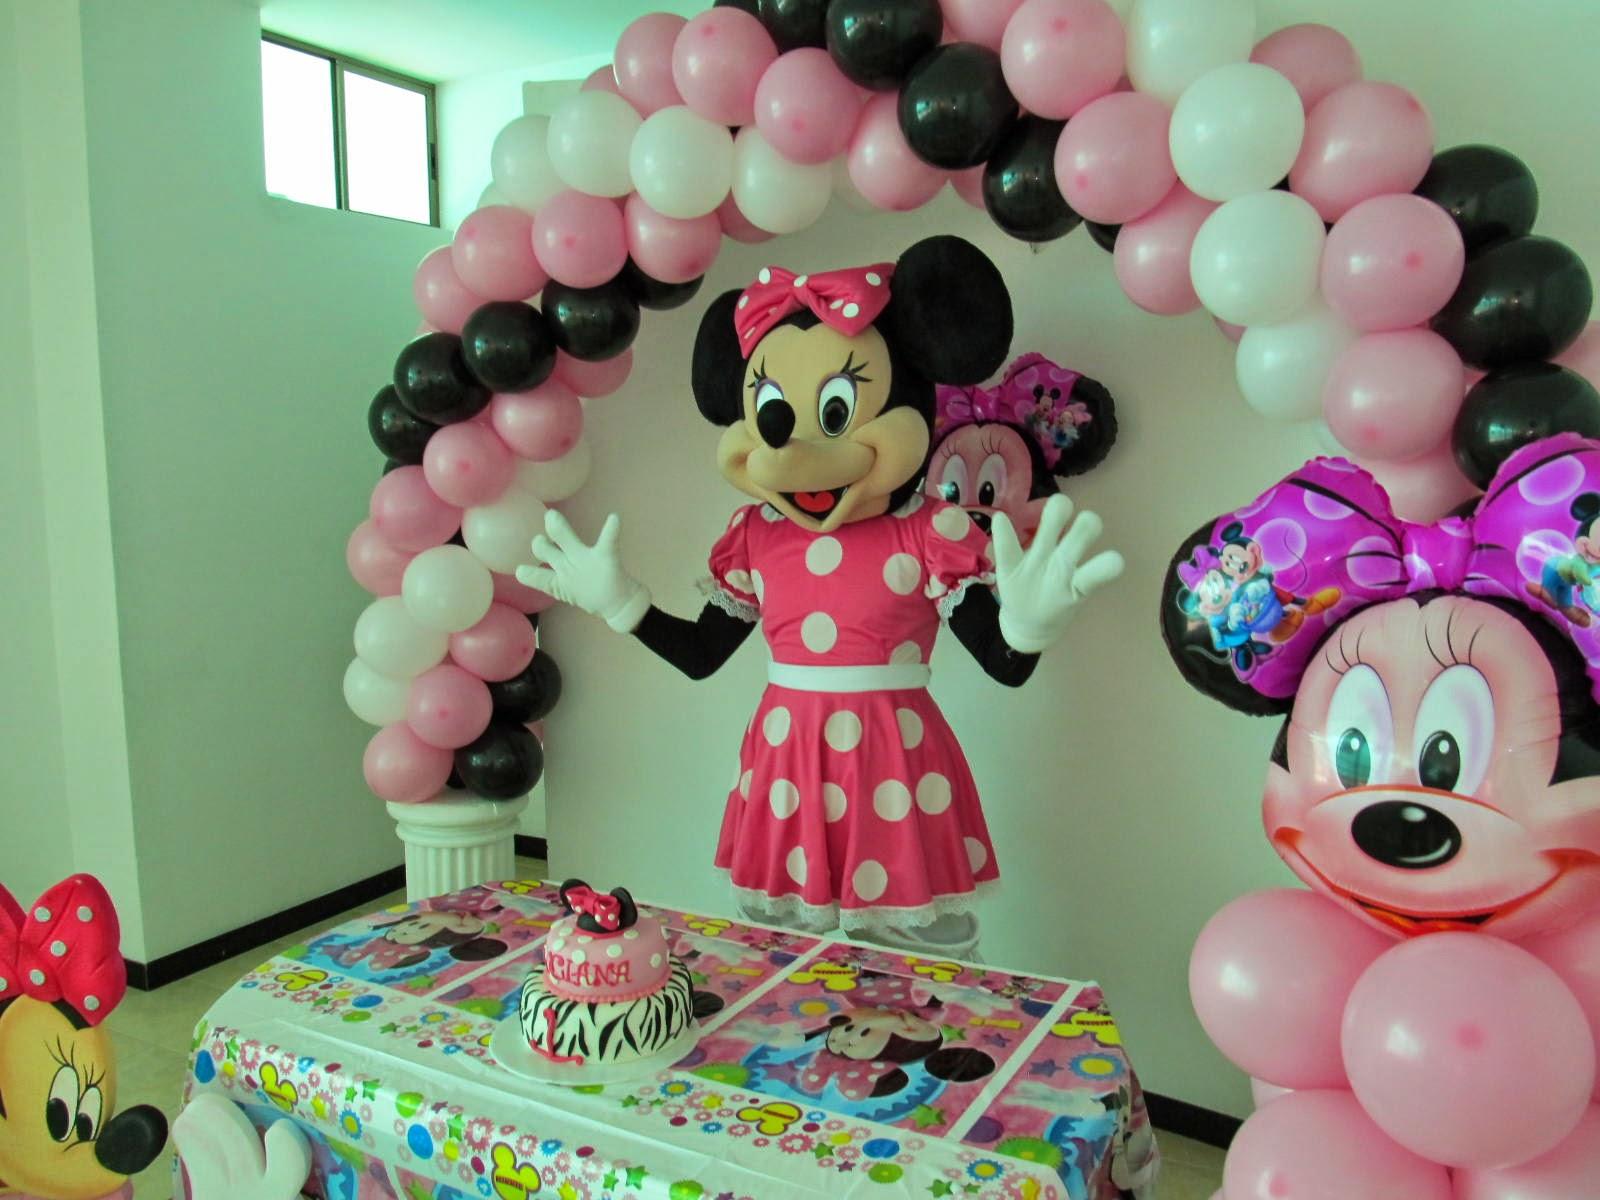 Minnie Decoracion Fiestas ~ DECORACI?N FIESTA MINNIE MOUSE FIESTAS INFANTILES Y RECREACIONISTAS